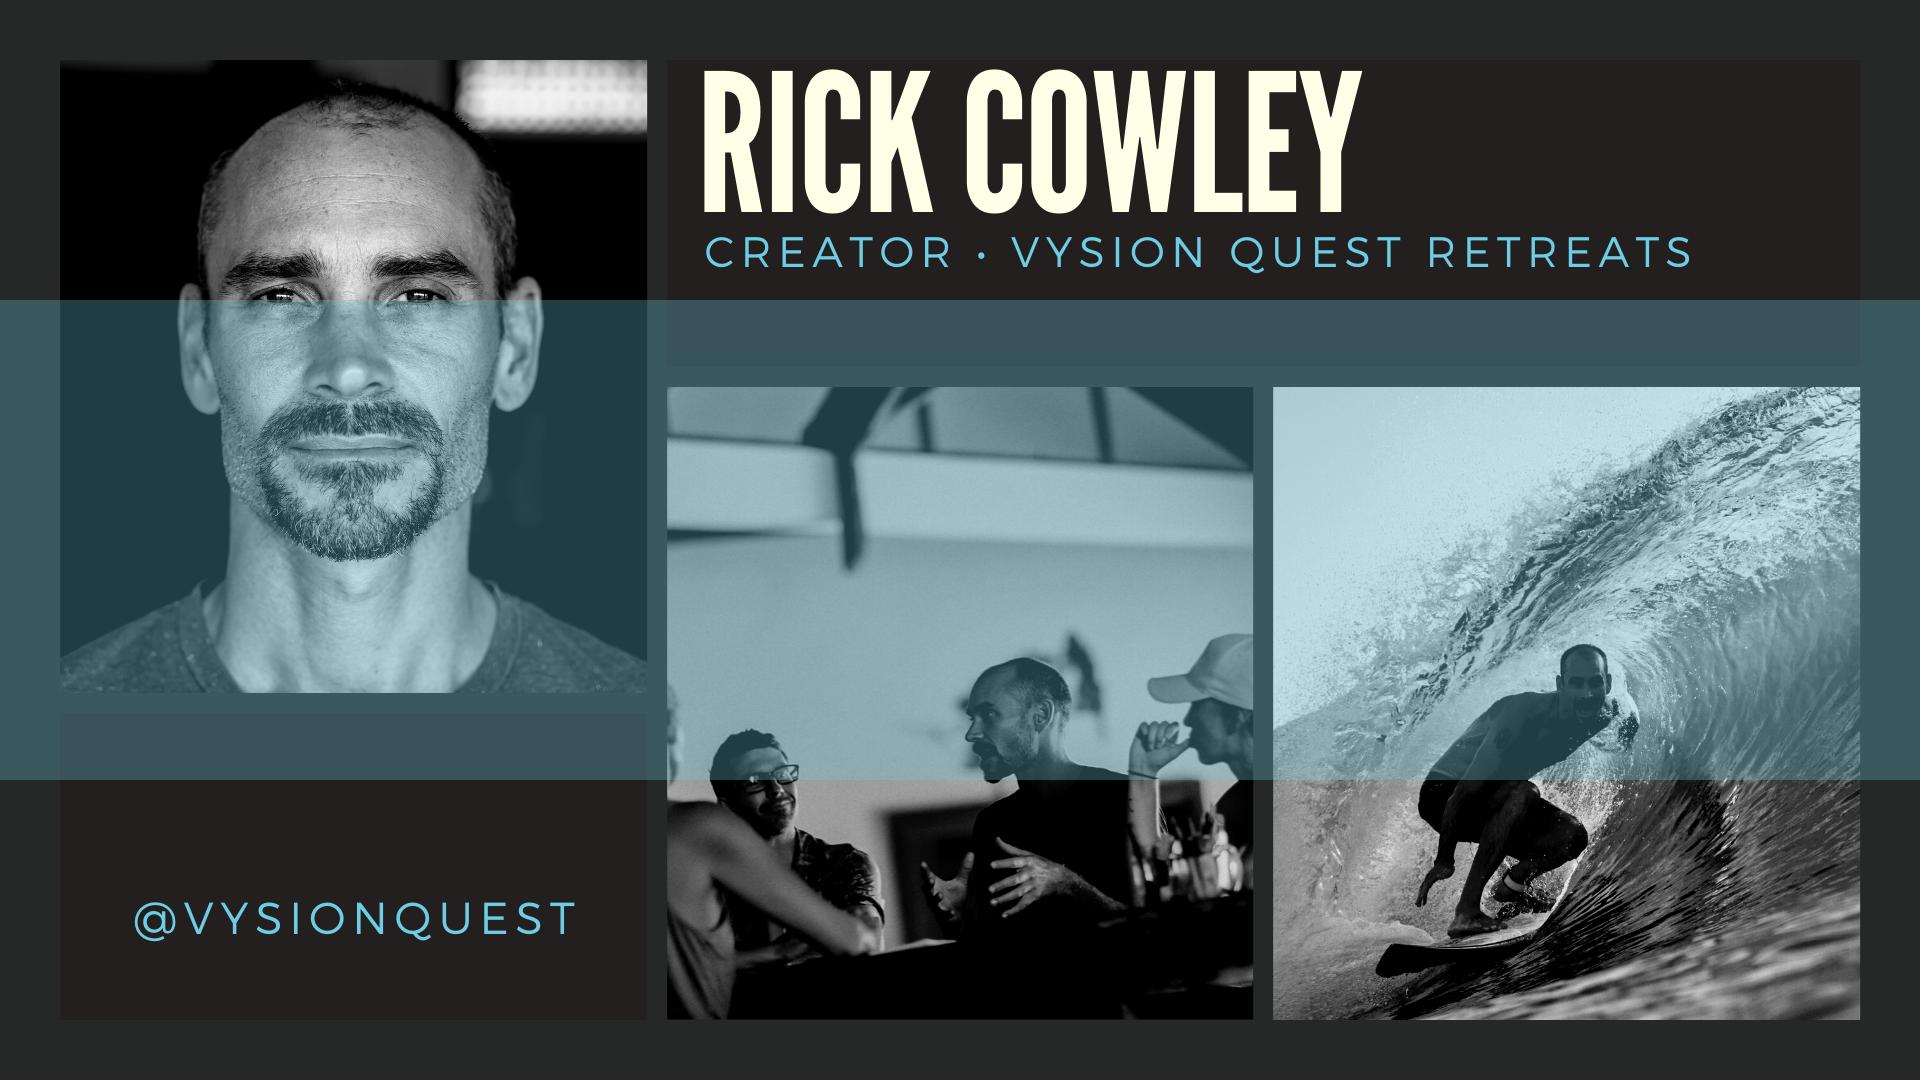 Rick Cowley